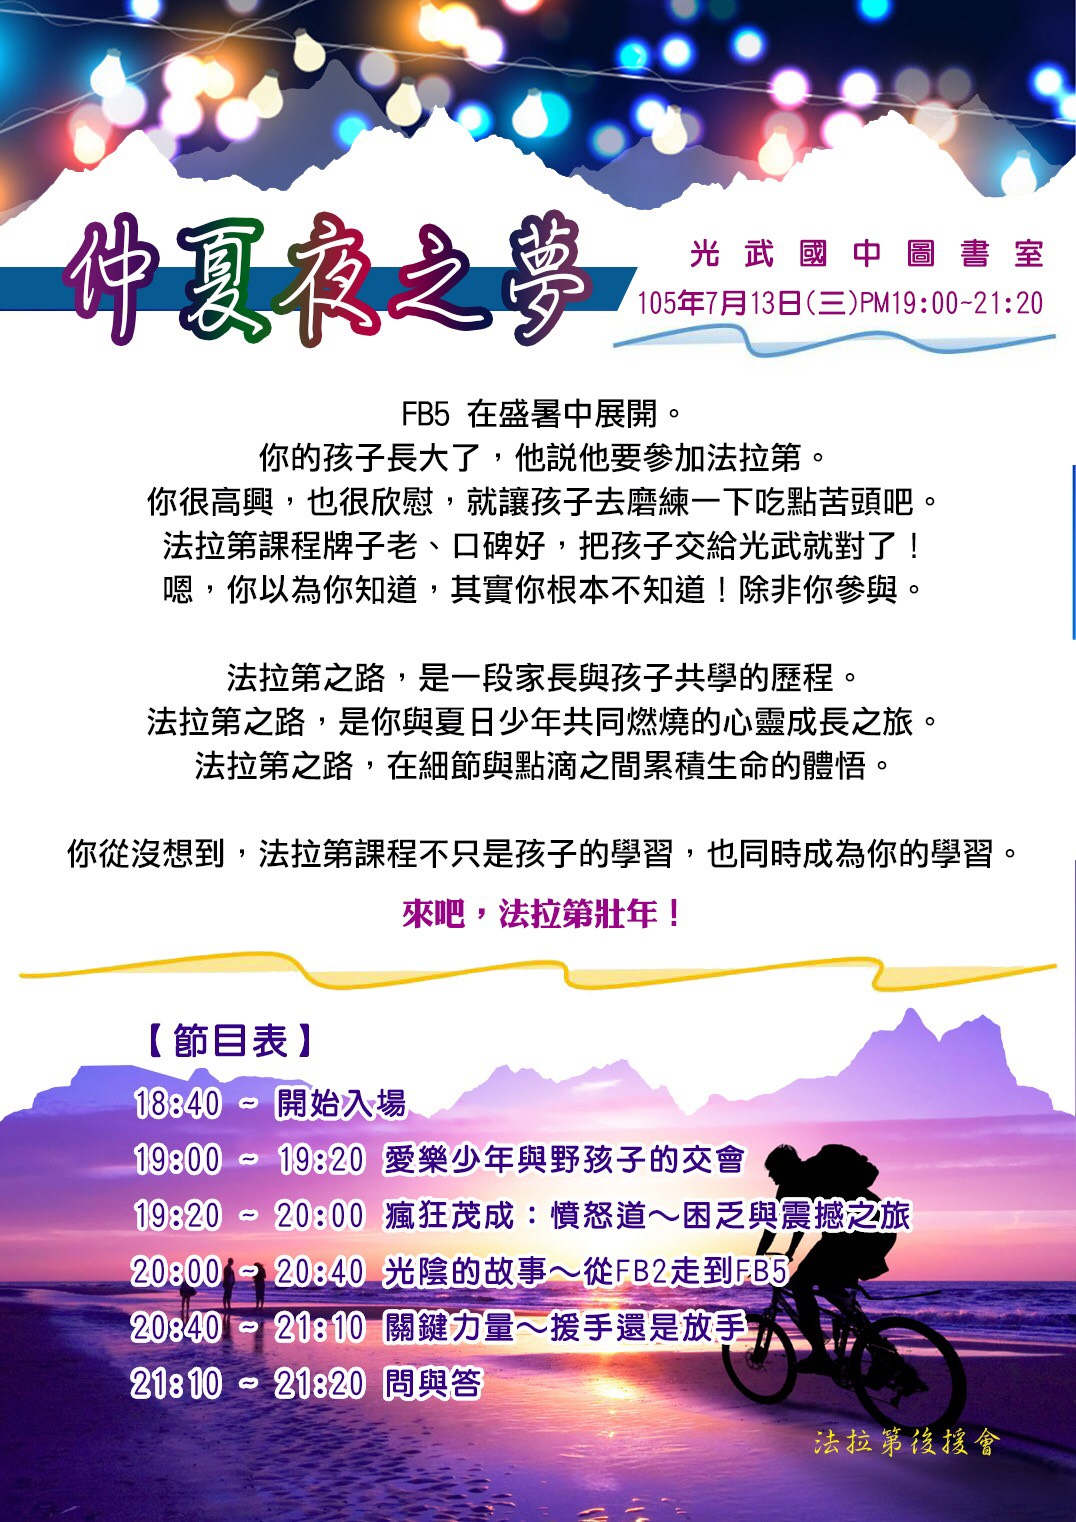 FB5仲夏夜之夢